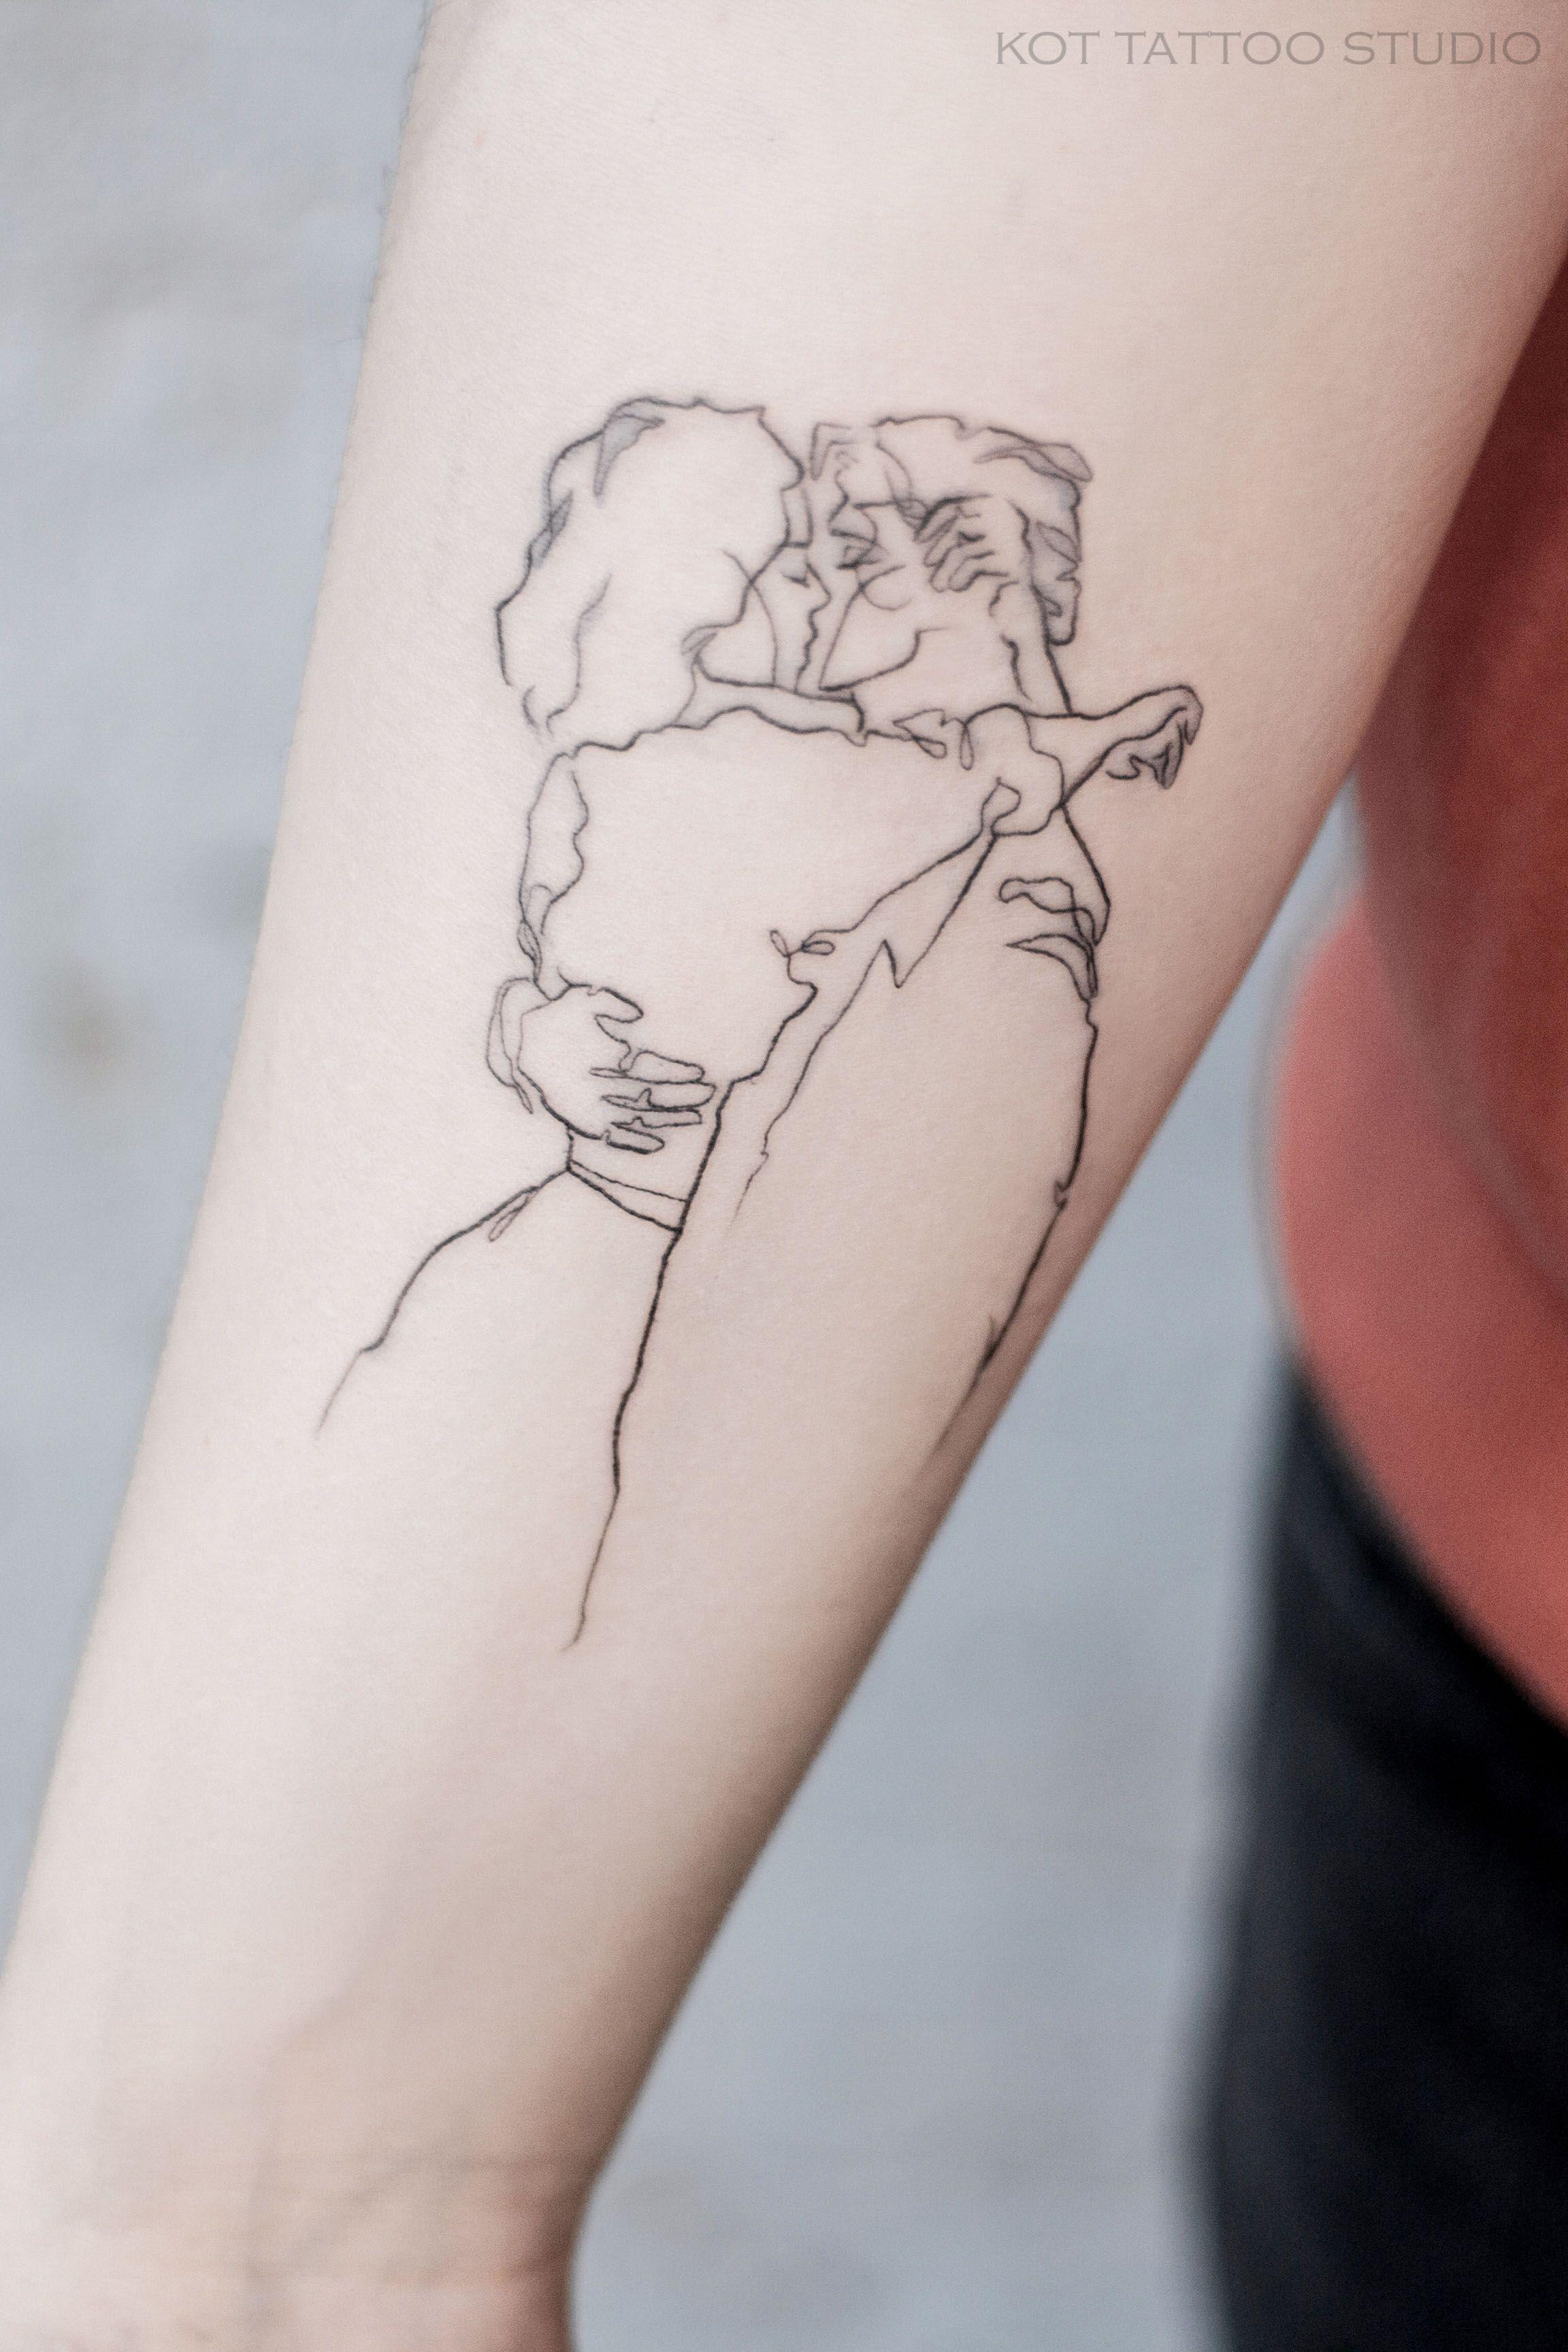 тату на руке красиво и качественно выполненное смотрится круто